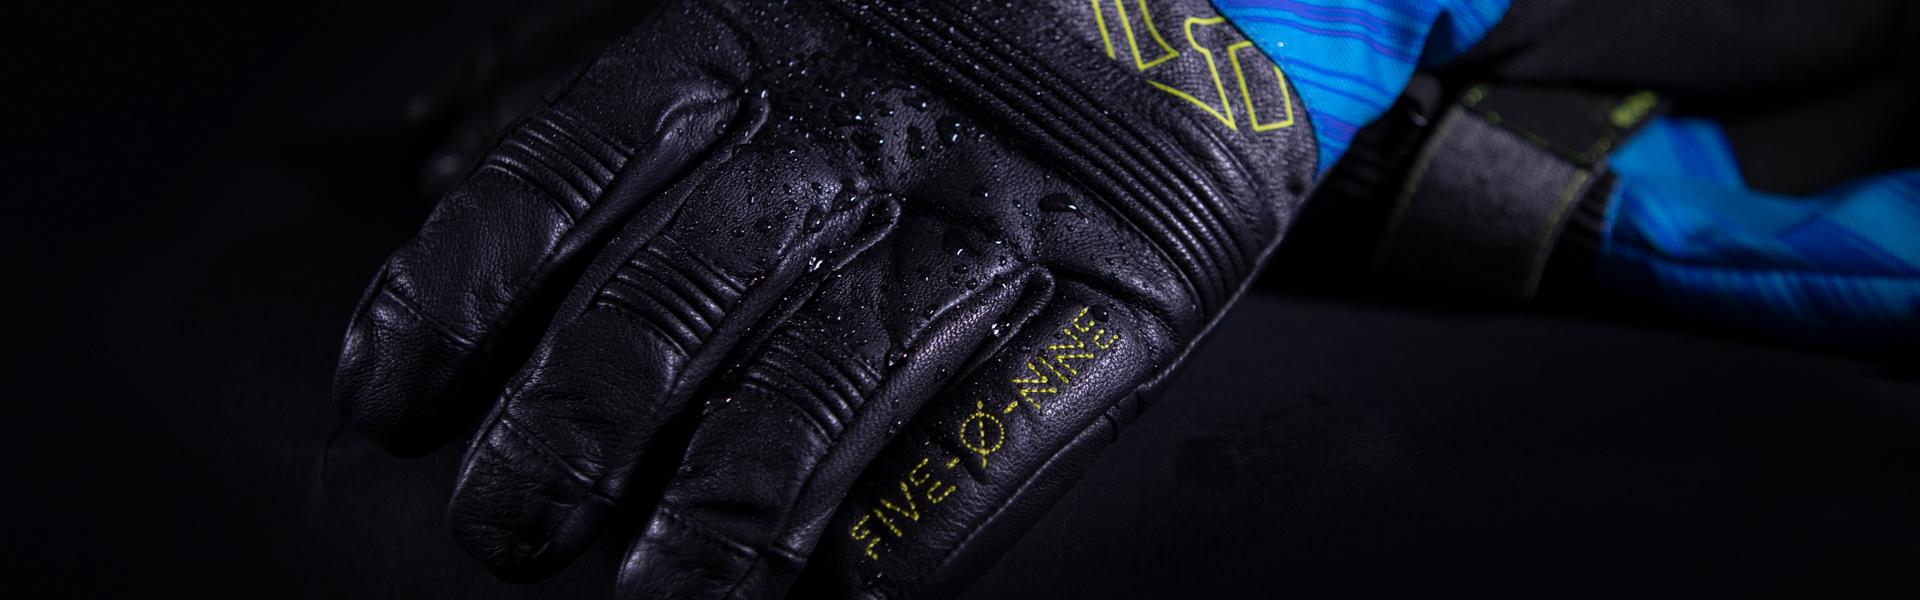 509 Blue Hi-Vis Range Insulated Gloves